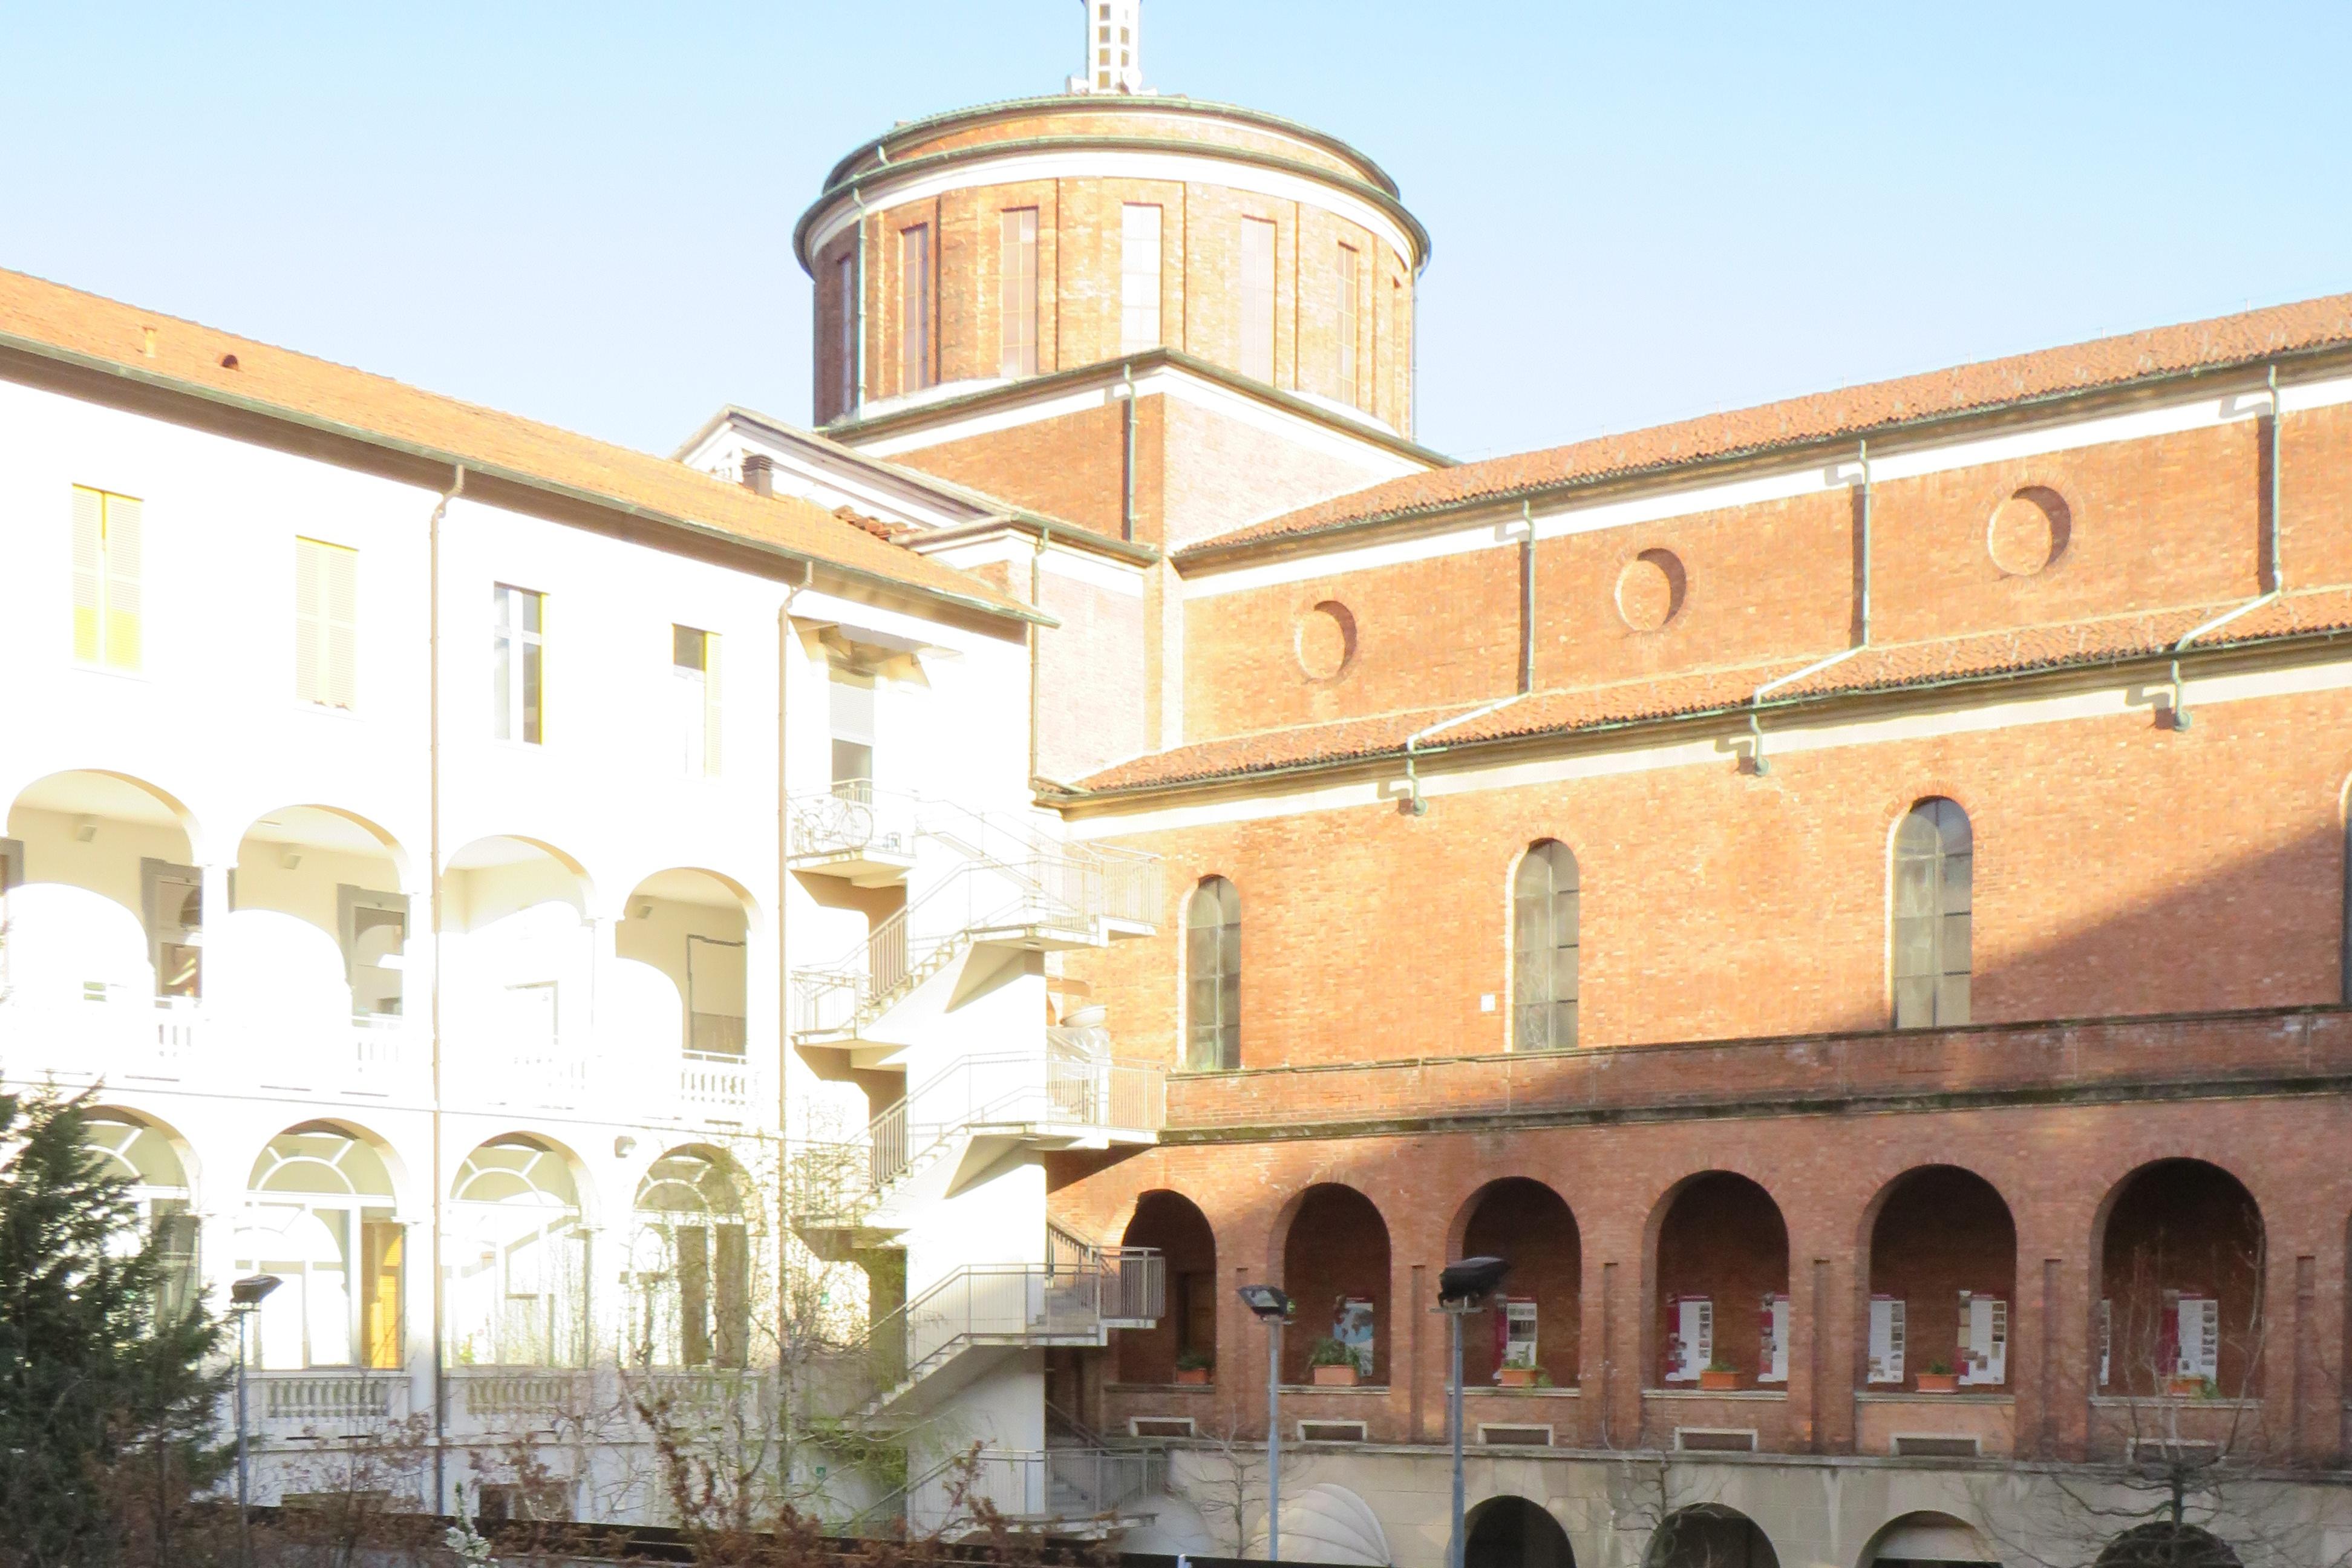 Istituto e Parrocchia don Guanella